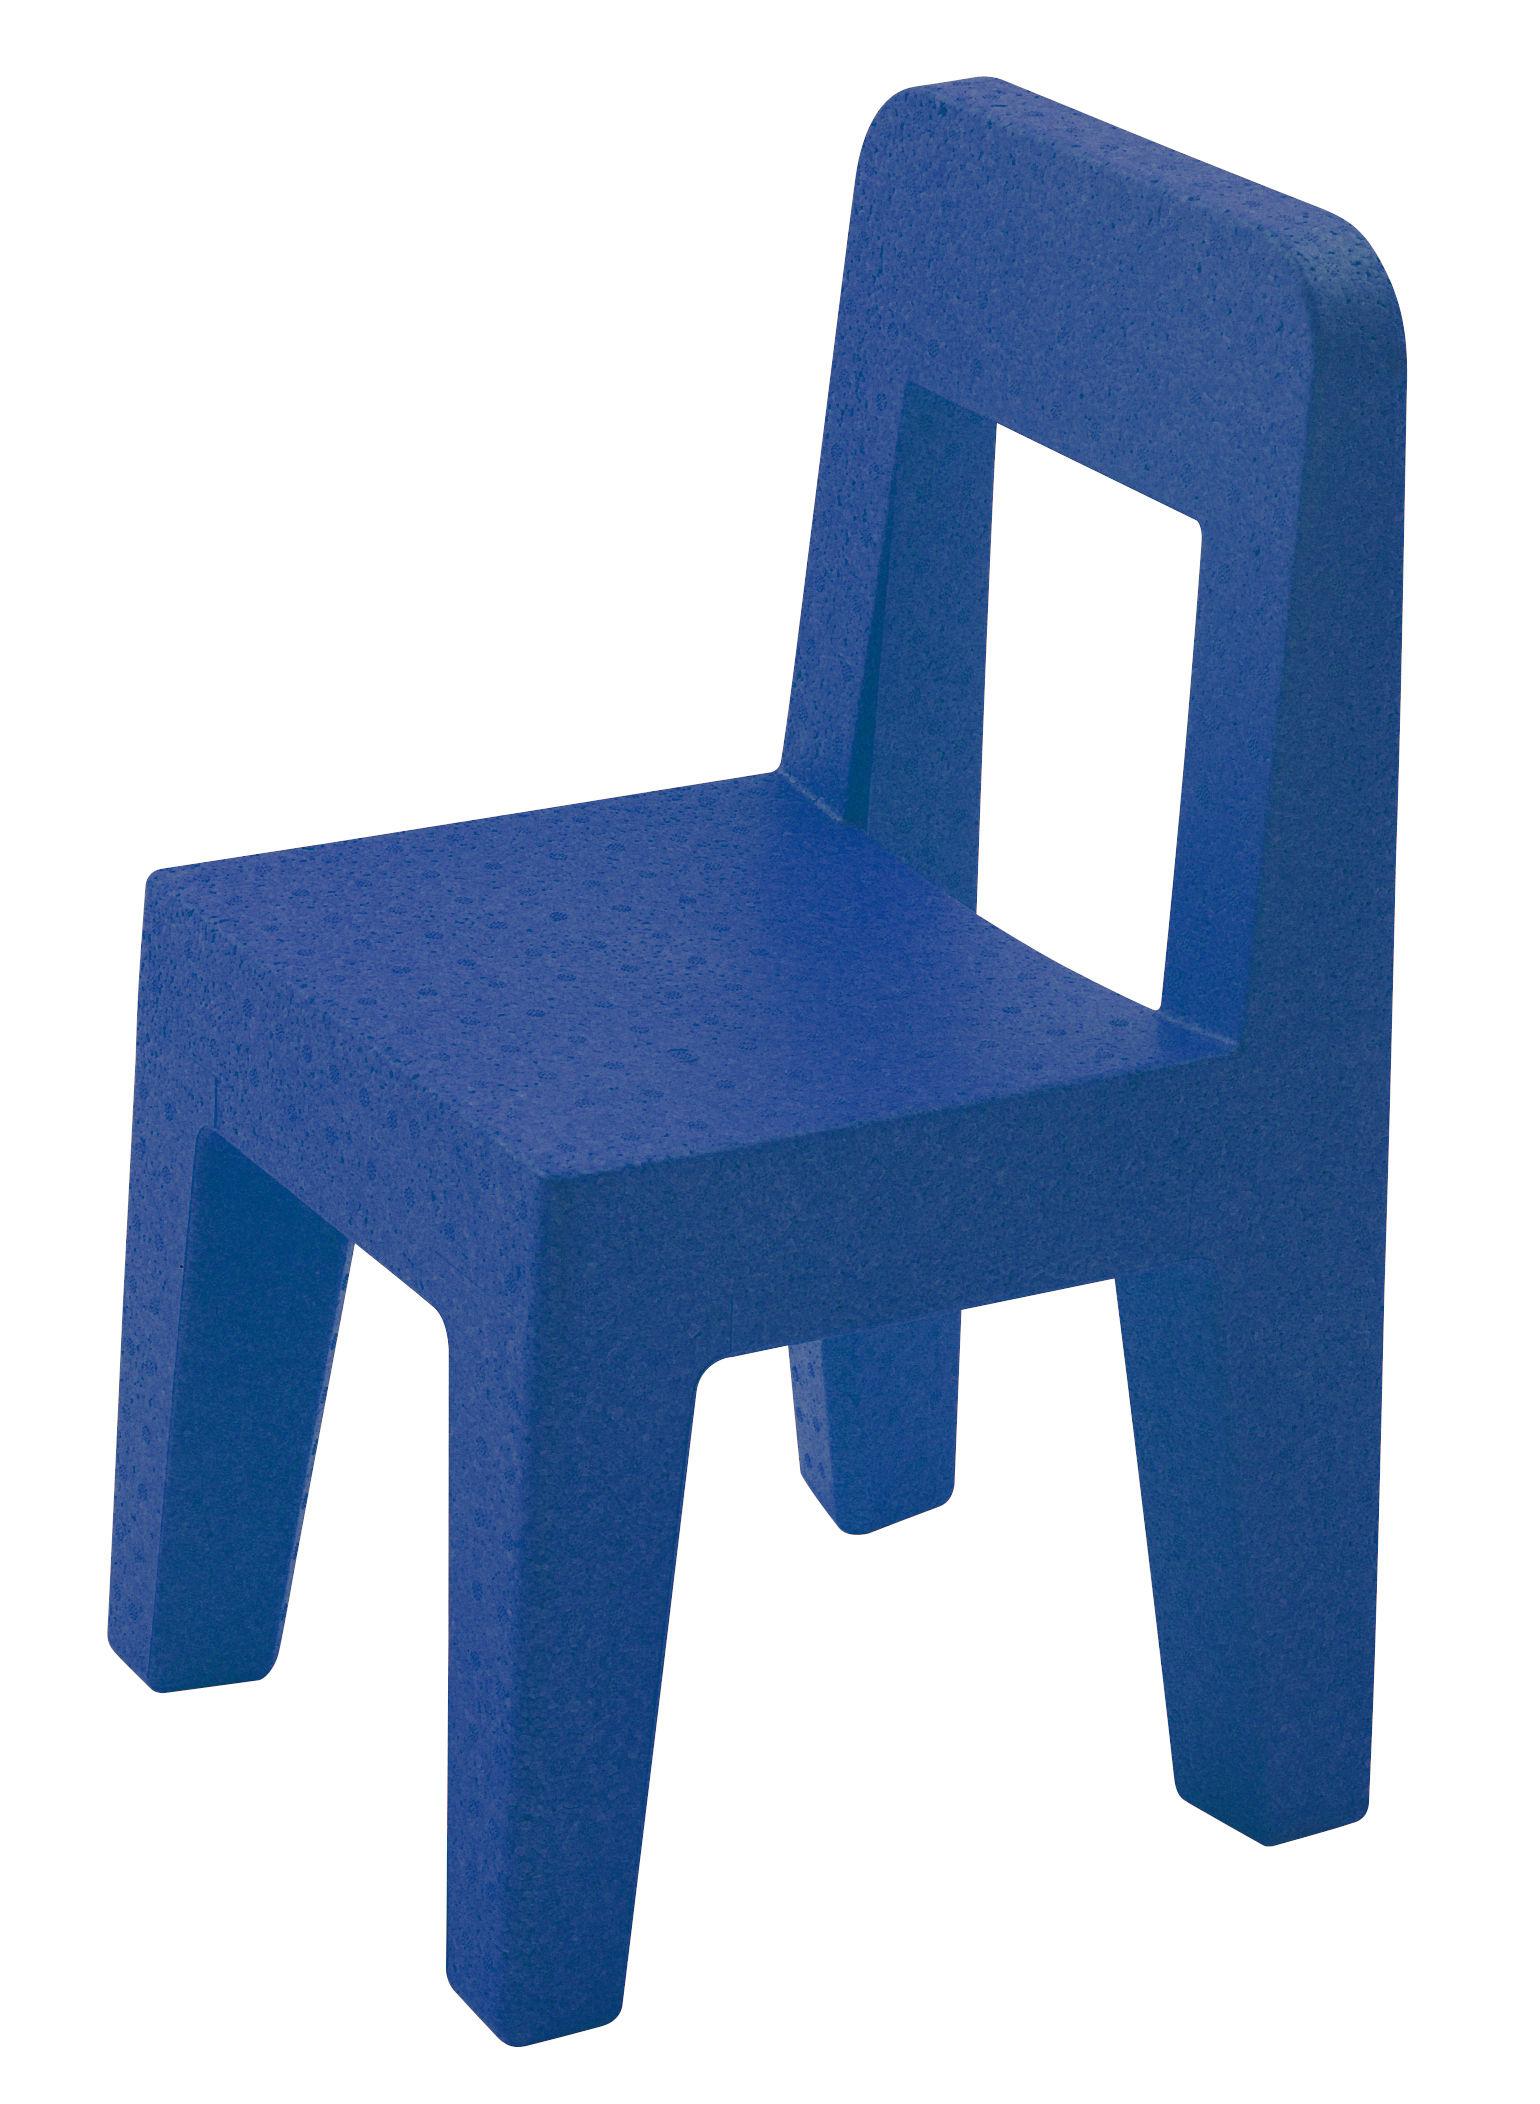 Möbel - Möbel für Kinder - Seggiolina Pop Kinderstuhl - Magis Collection Me Too - Blau - Polypropylen